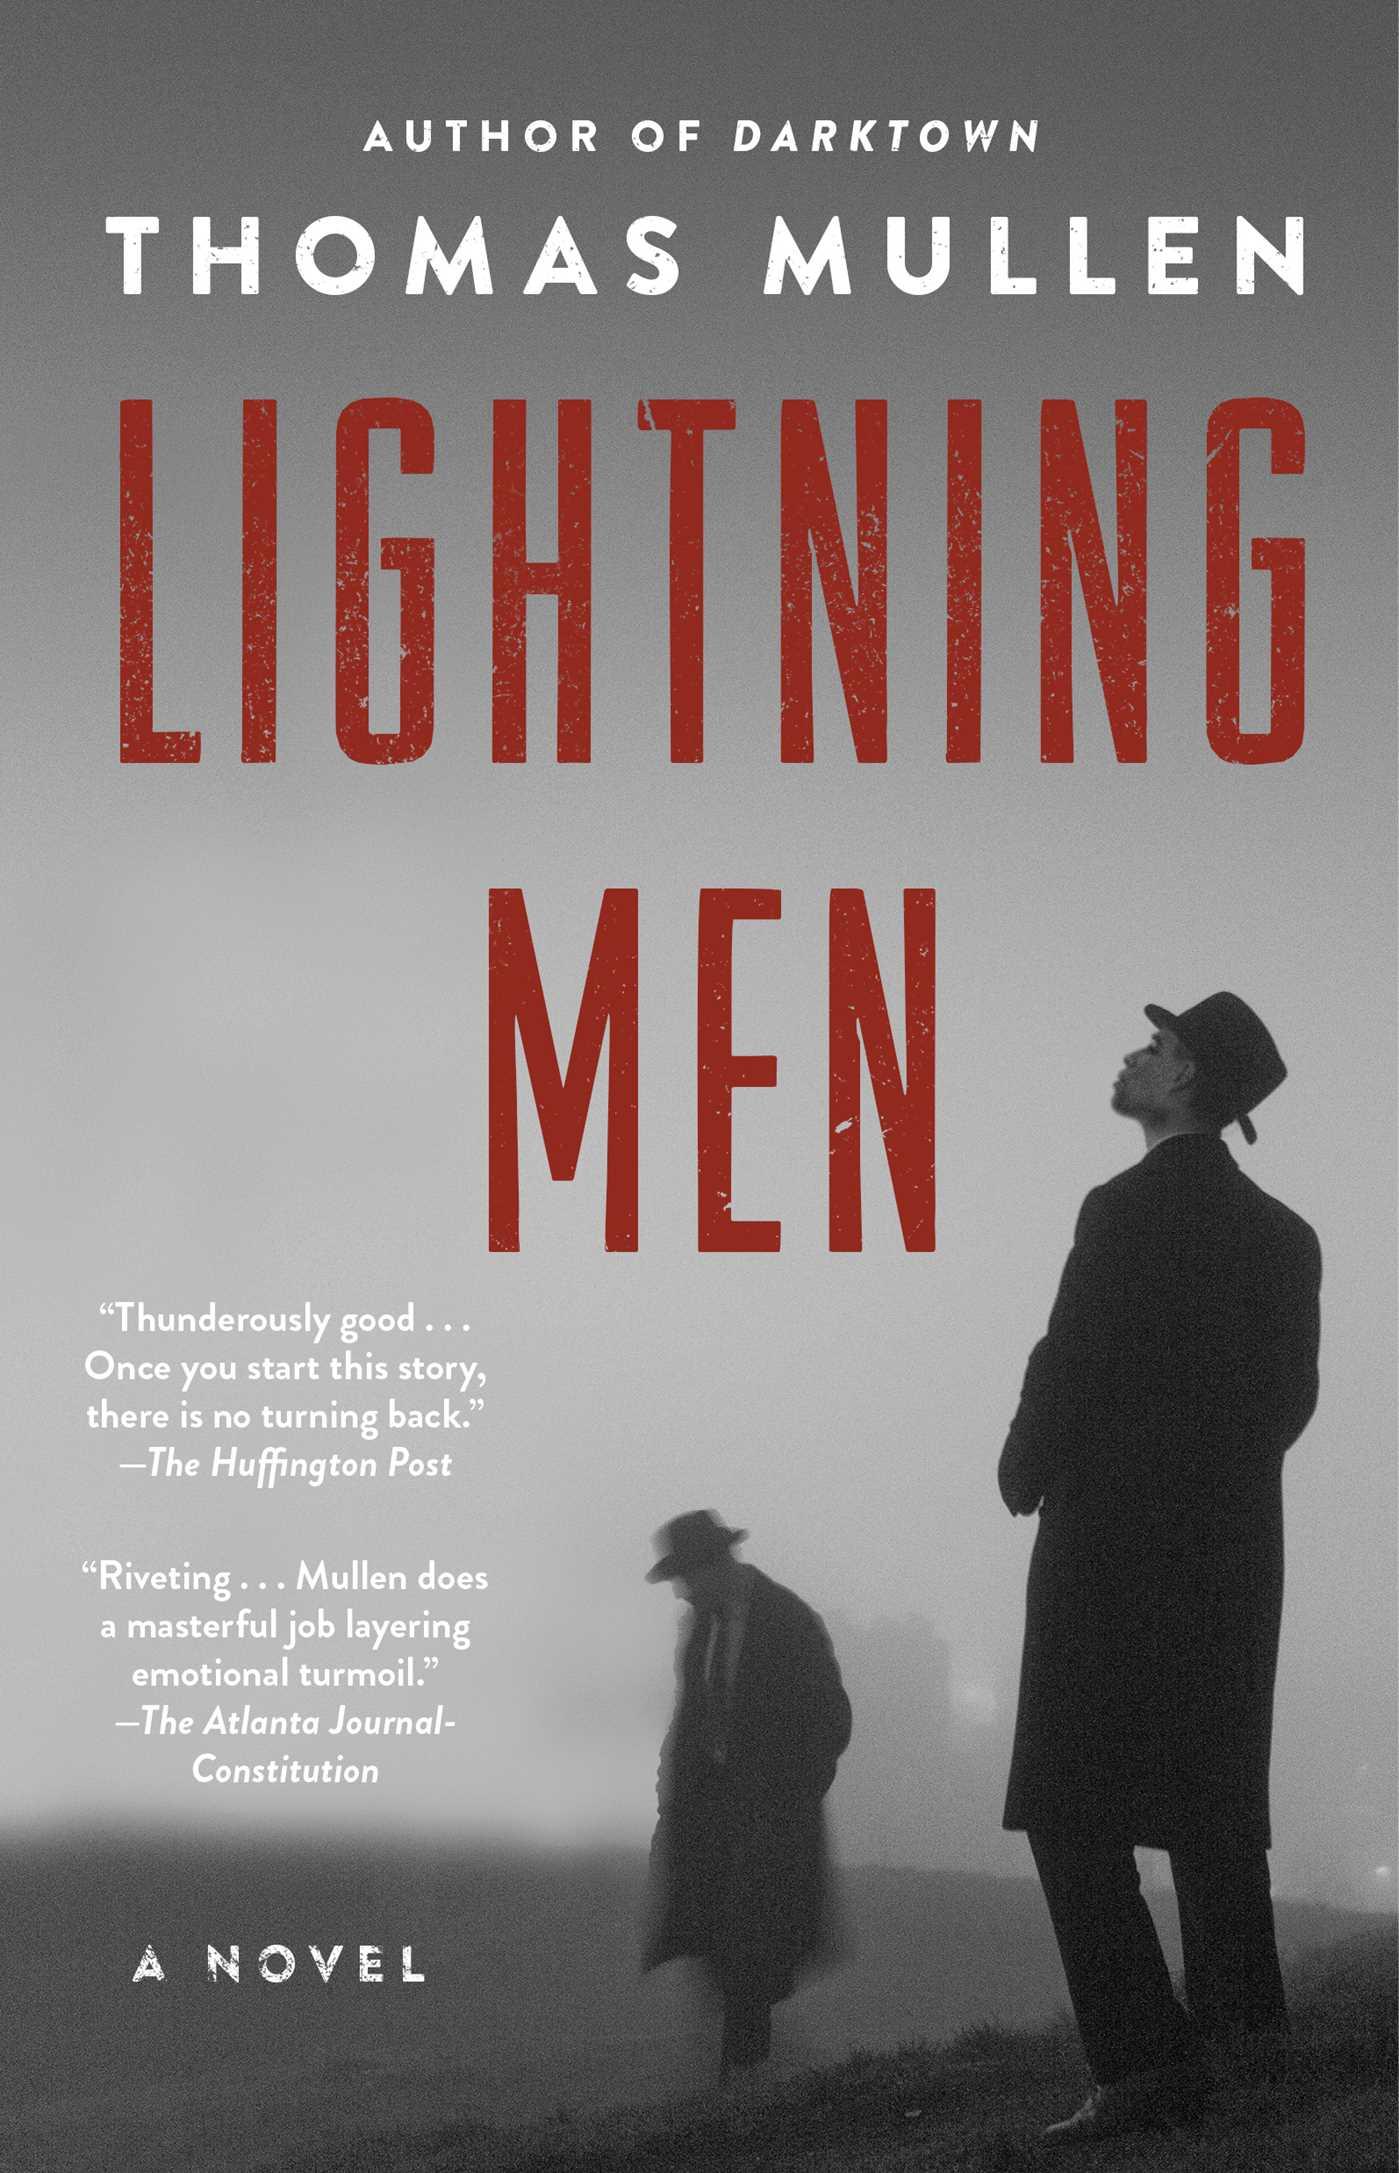 Lightning men 9781501138812 hr